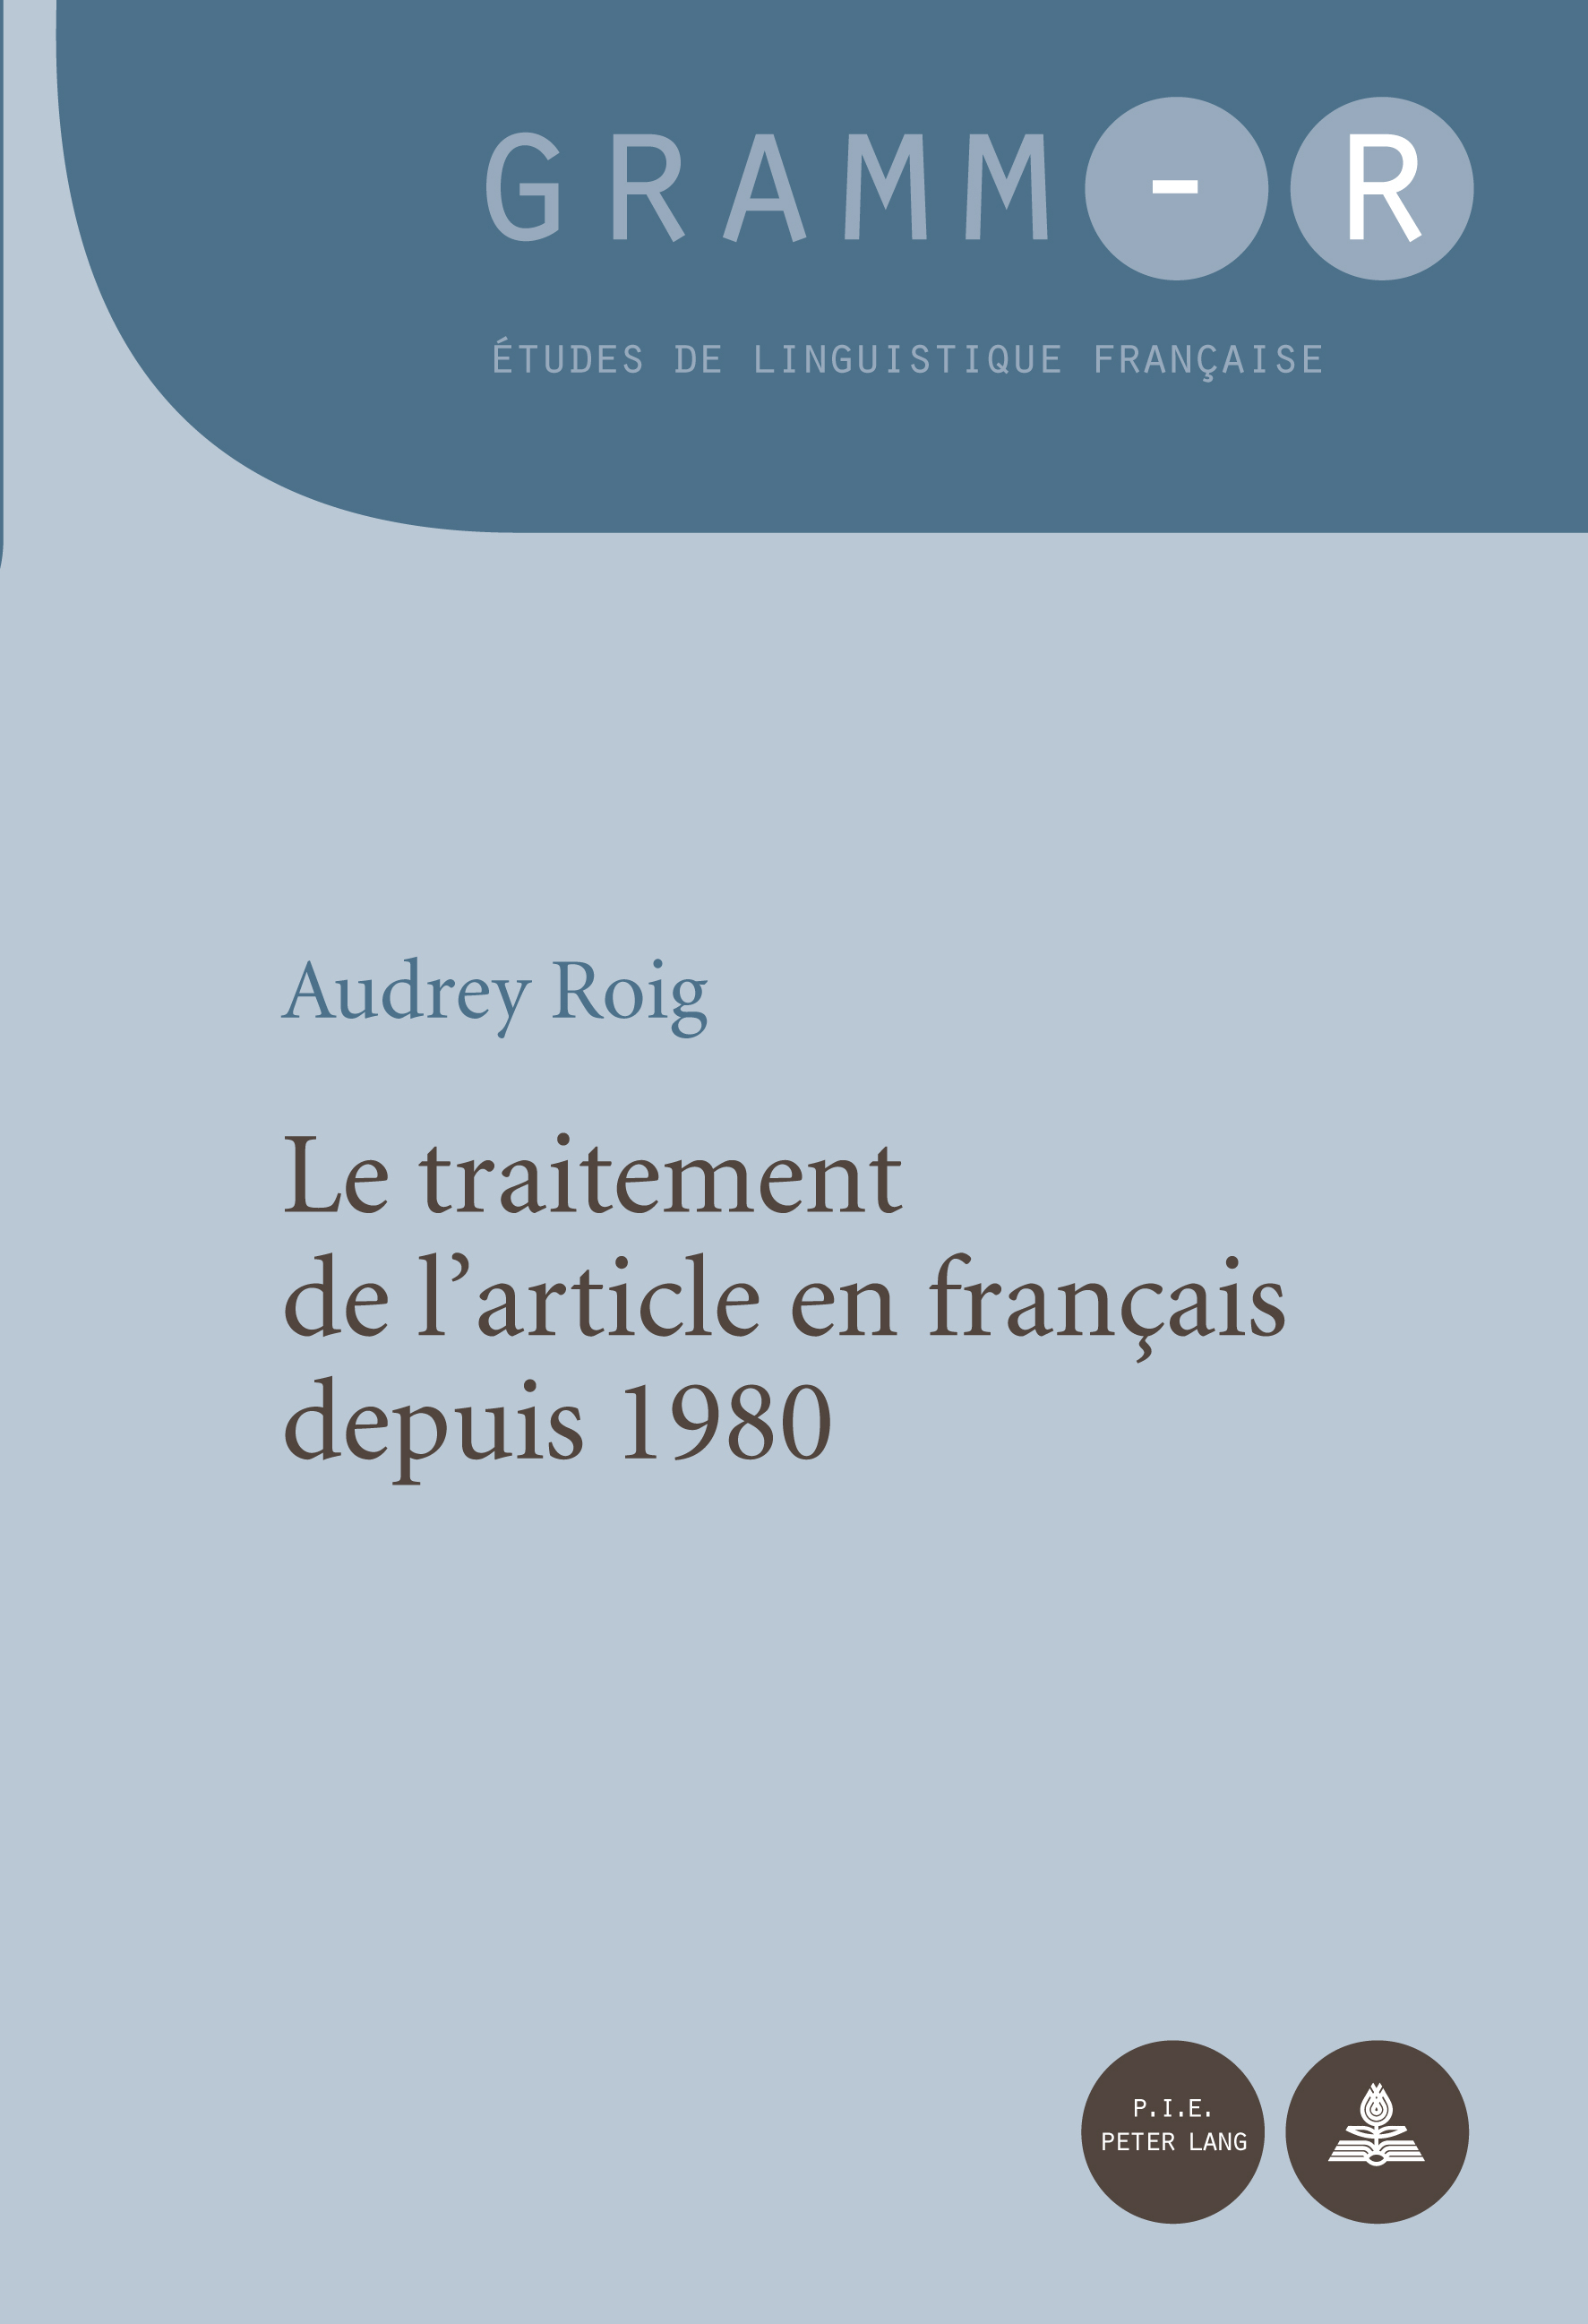 LE TRAITEMENT DE L'ARTICLE EN FRANCAIS DEPUIS 1980